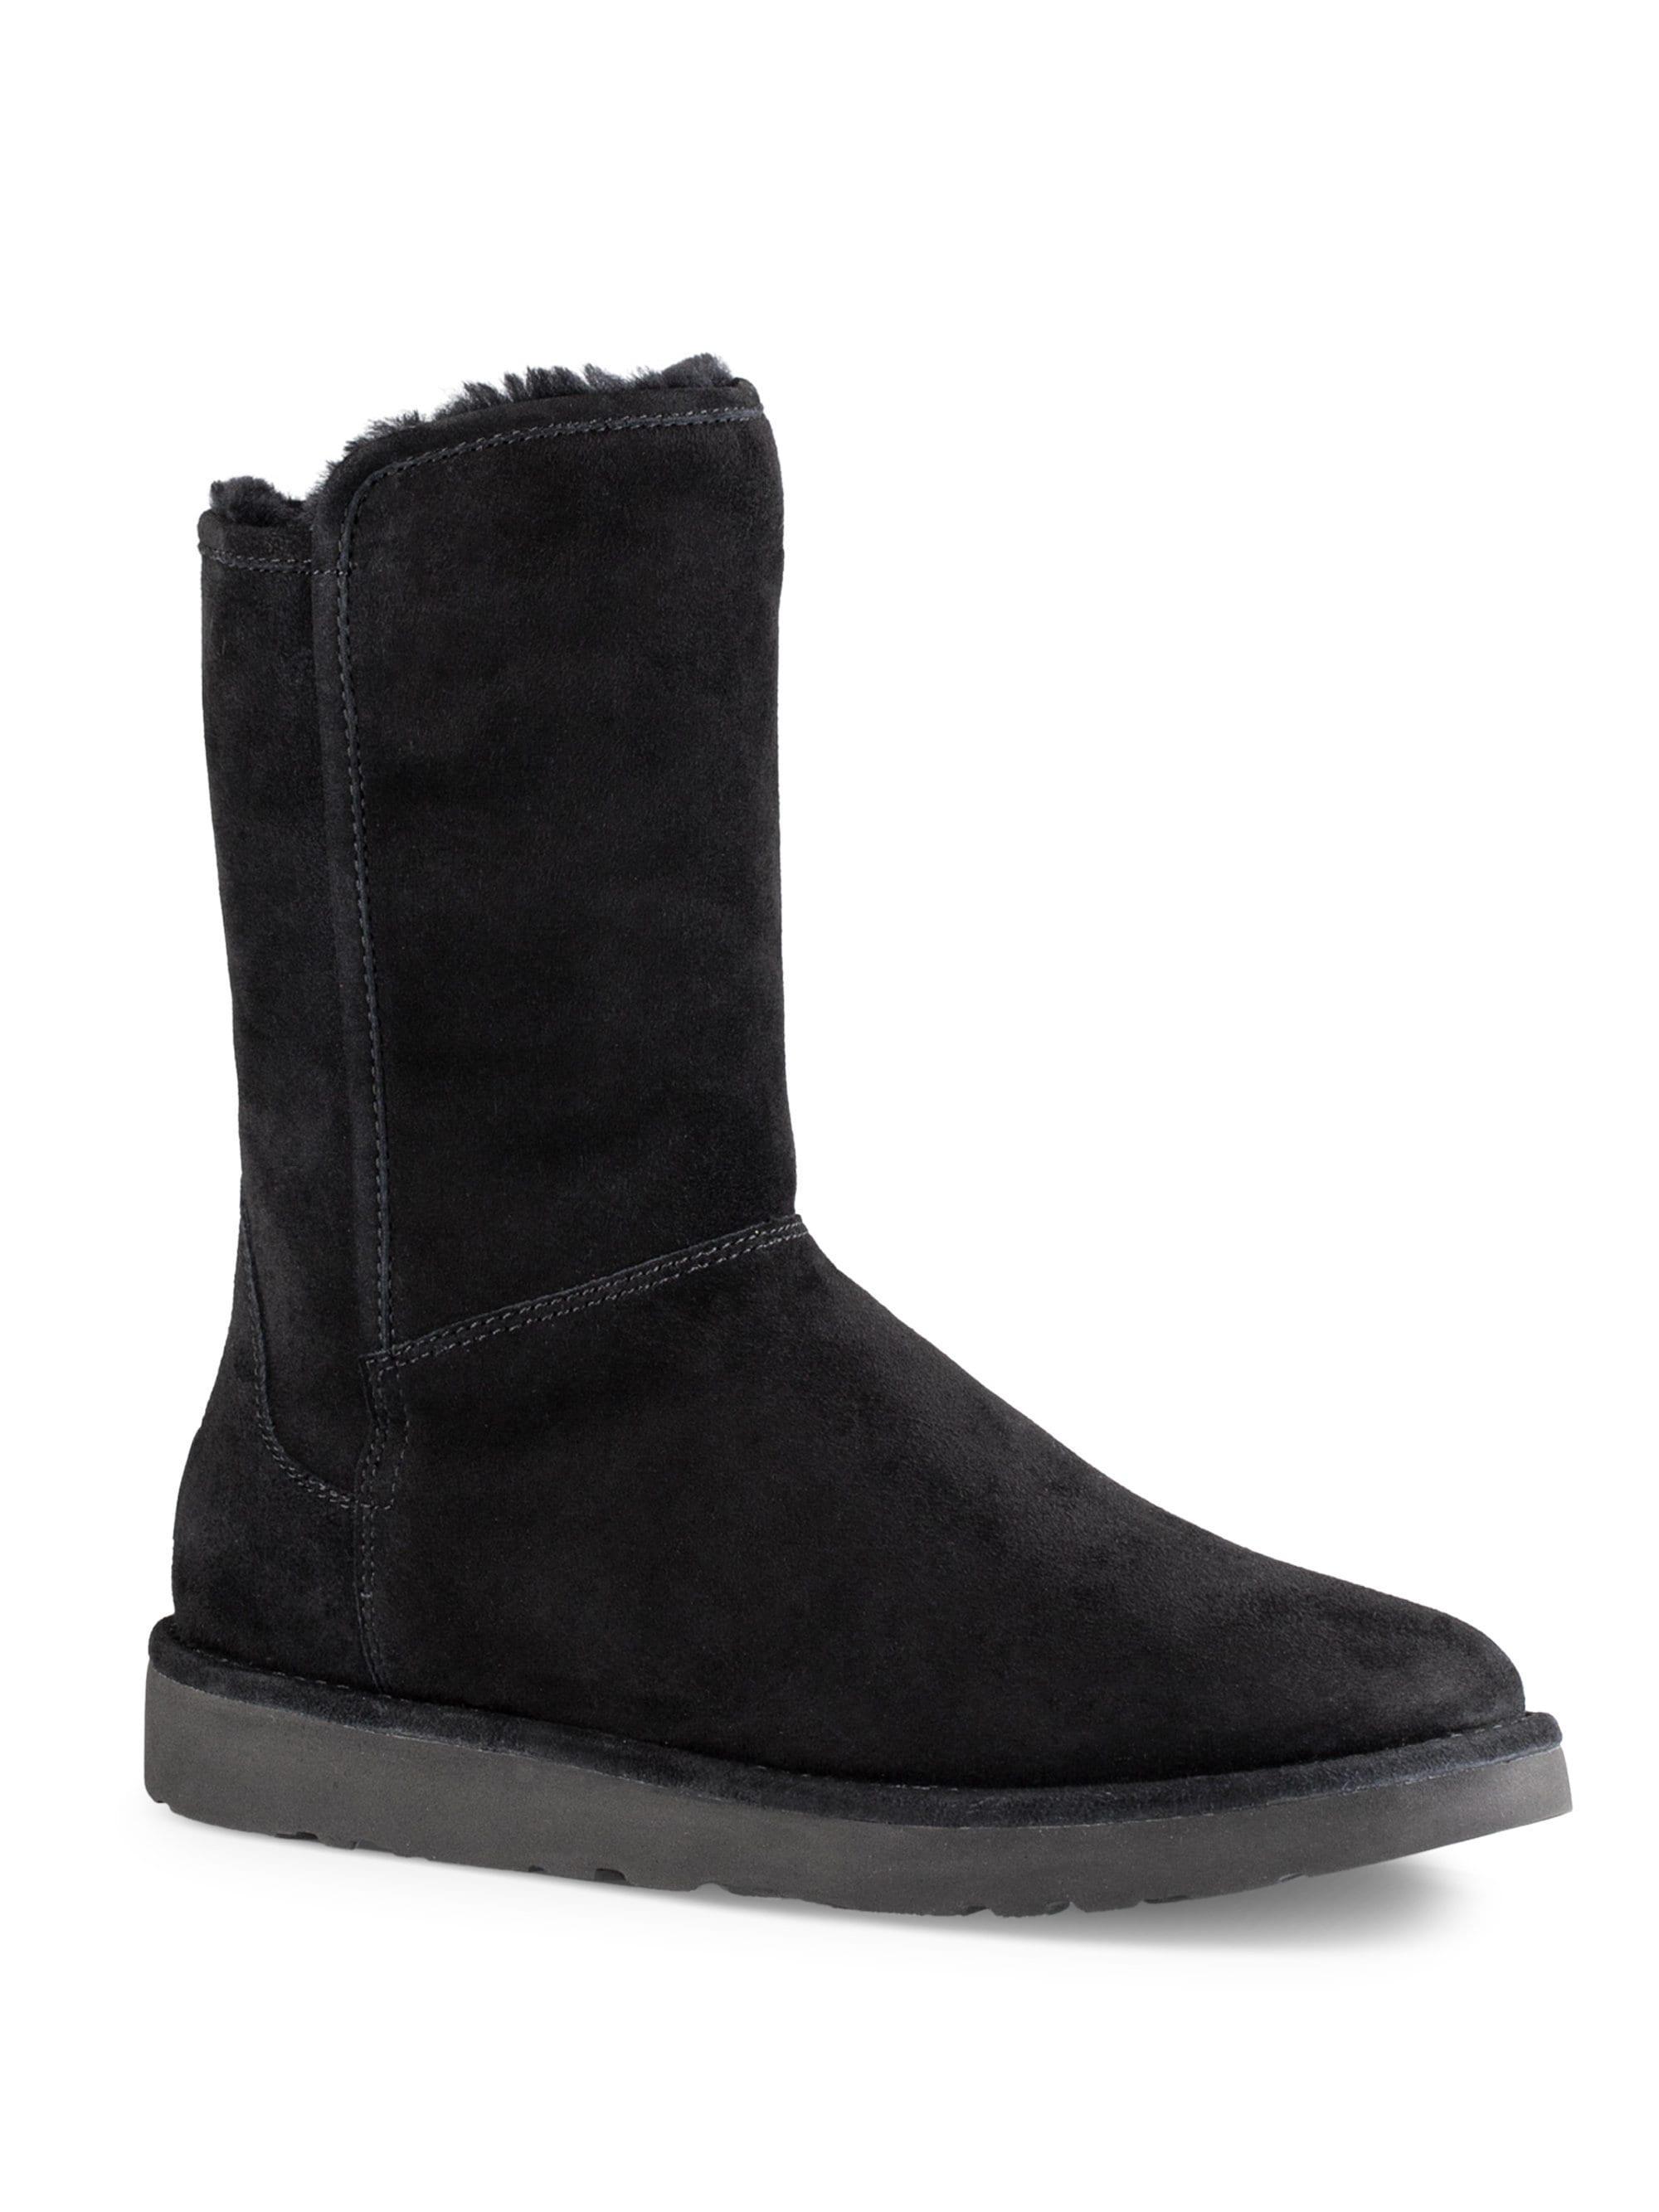 6b49d81d43d UGG Shoes Ugg Bruno Black Ankle Boots Size 6 Color Black